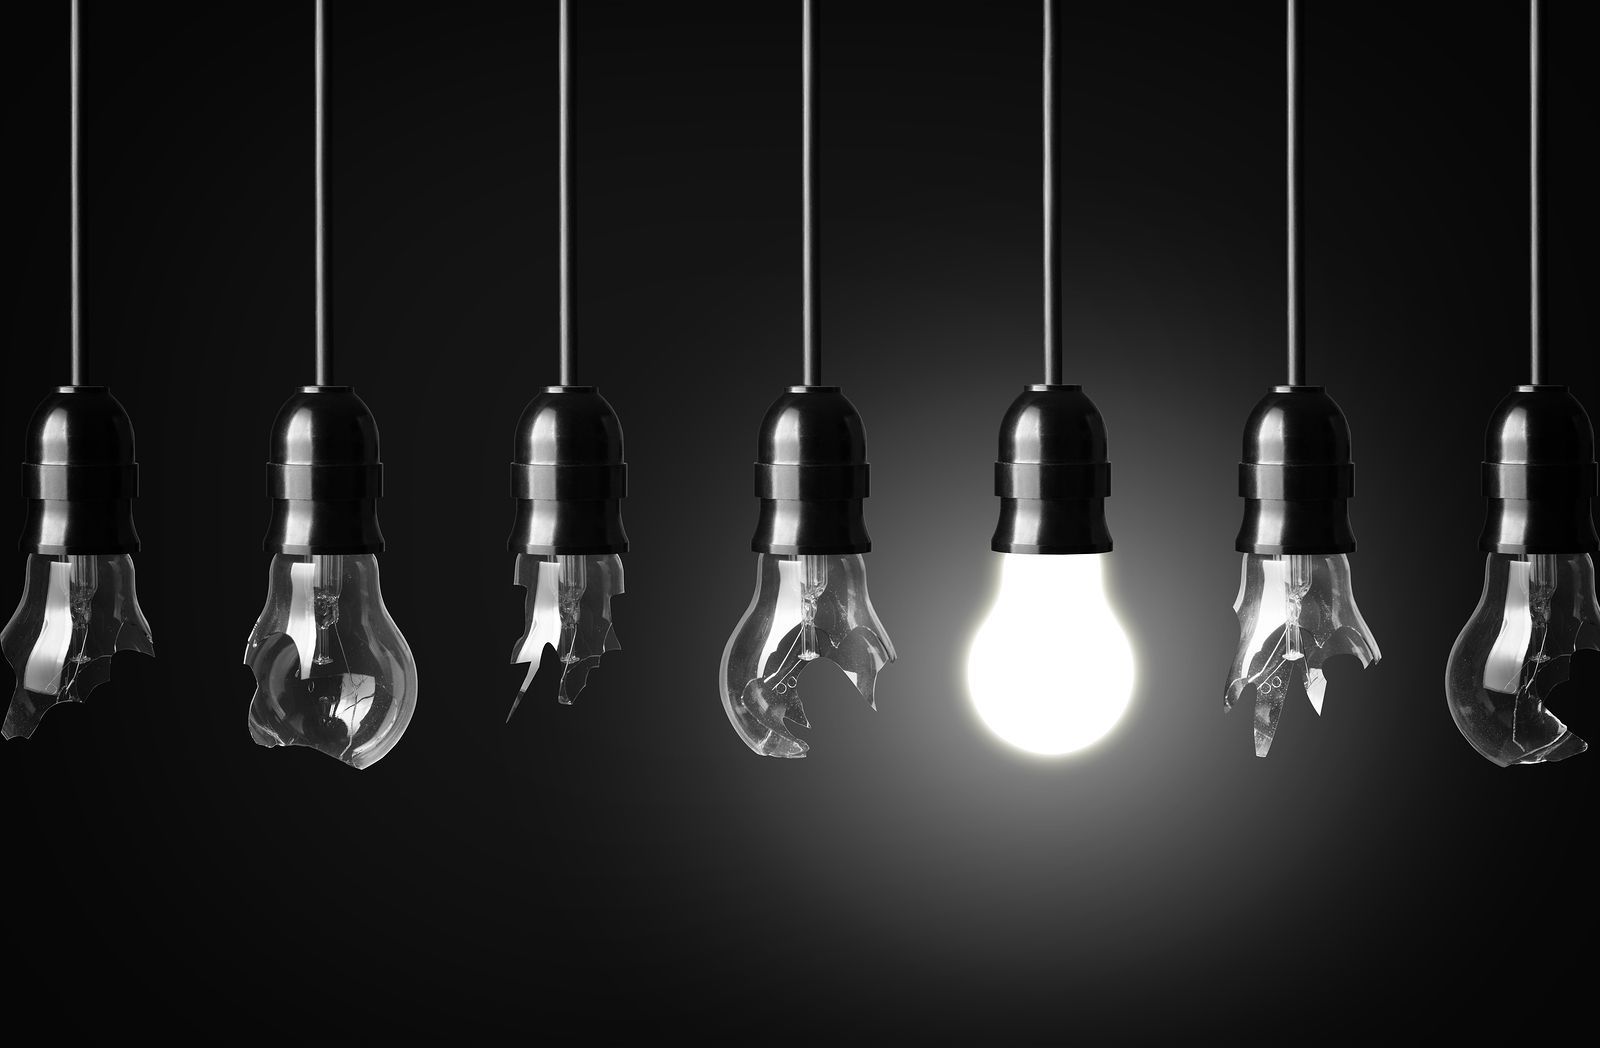 Pour ne pas rester obscur, opter pour le LED http://www.blog-habitat-durable.com/pour-ne-pas-rester-obscur-opter-pour-le-led/